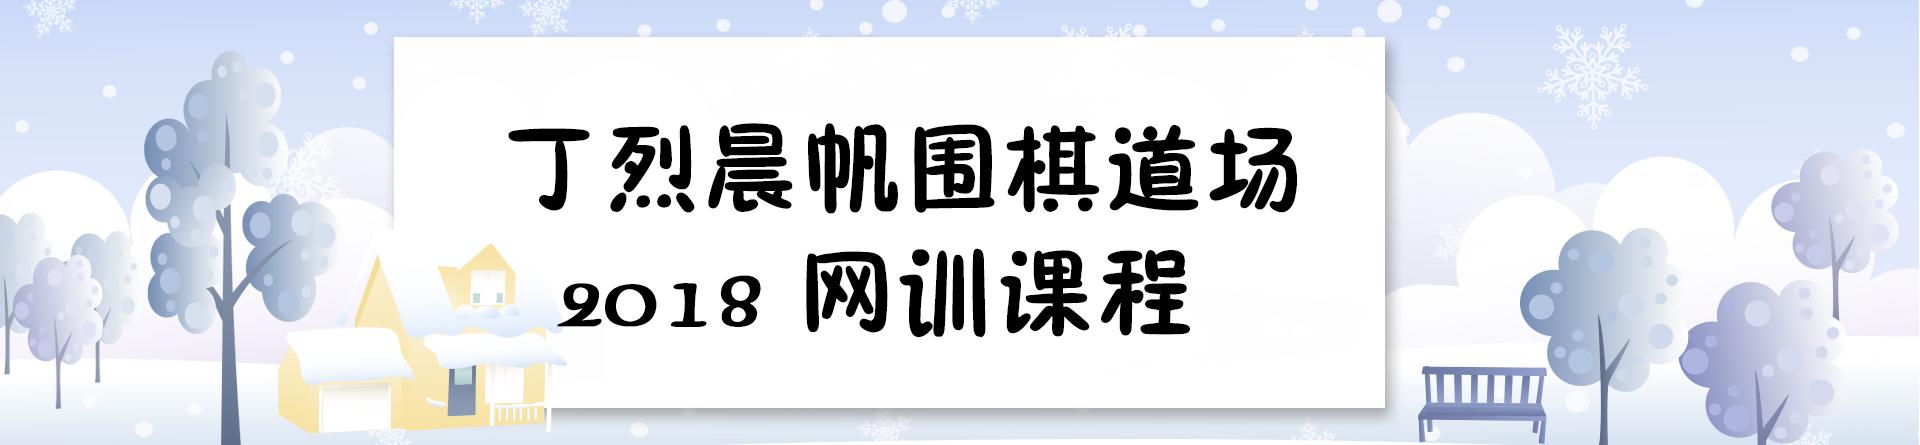 丁烈晨帆围棋道场2018网训课程